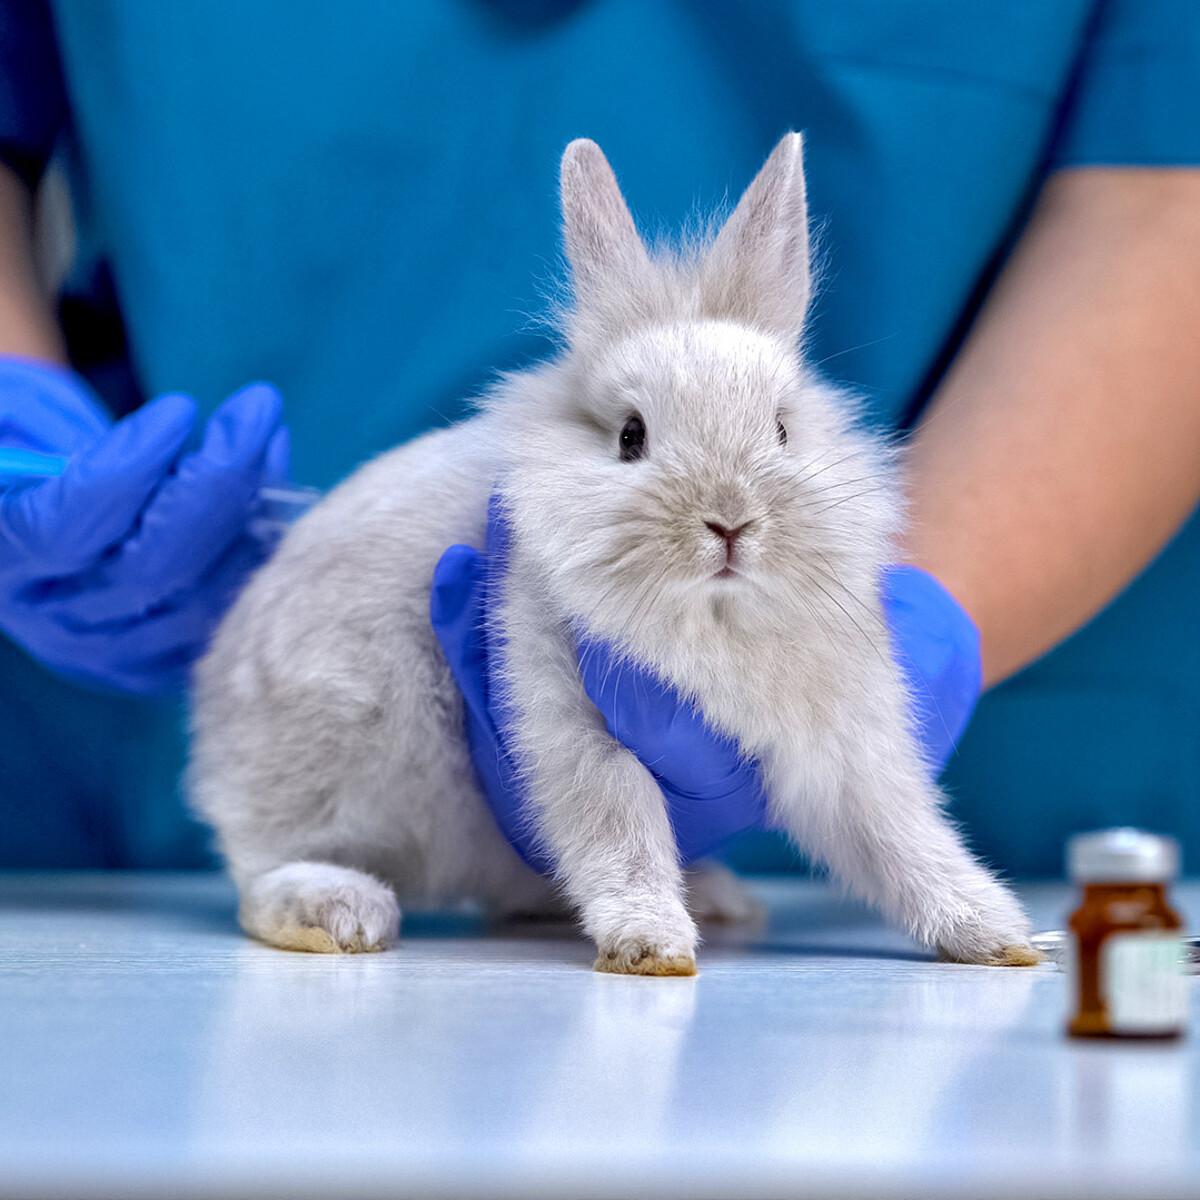 In Europa 12 milioni di animali uccisi per test scientifici: Strasburgo chiede lo stop